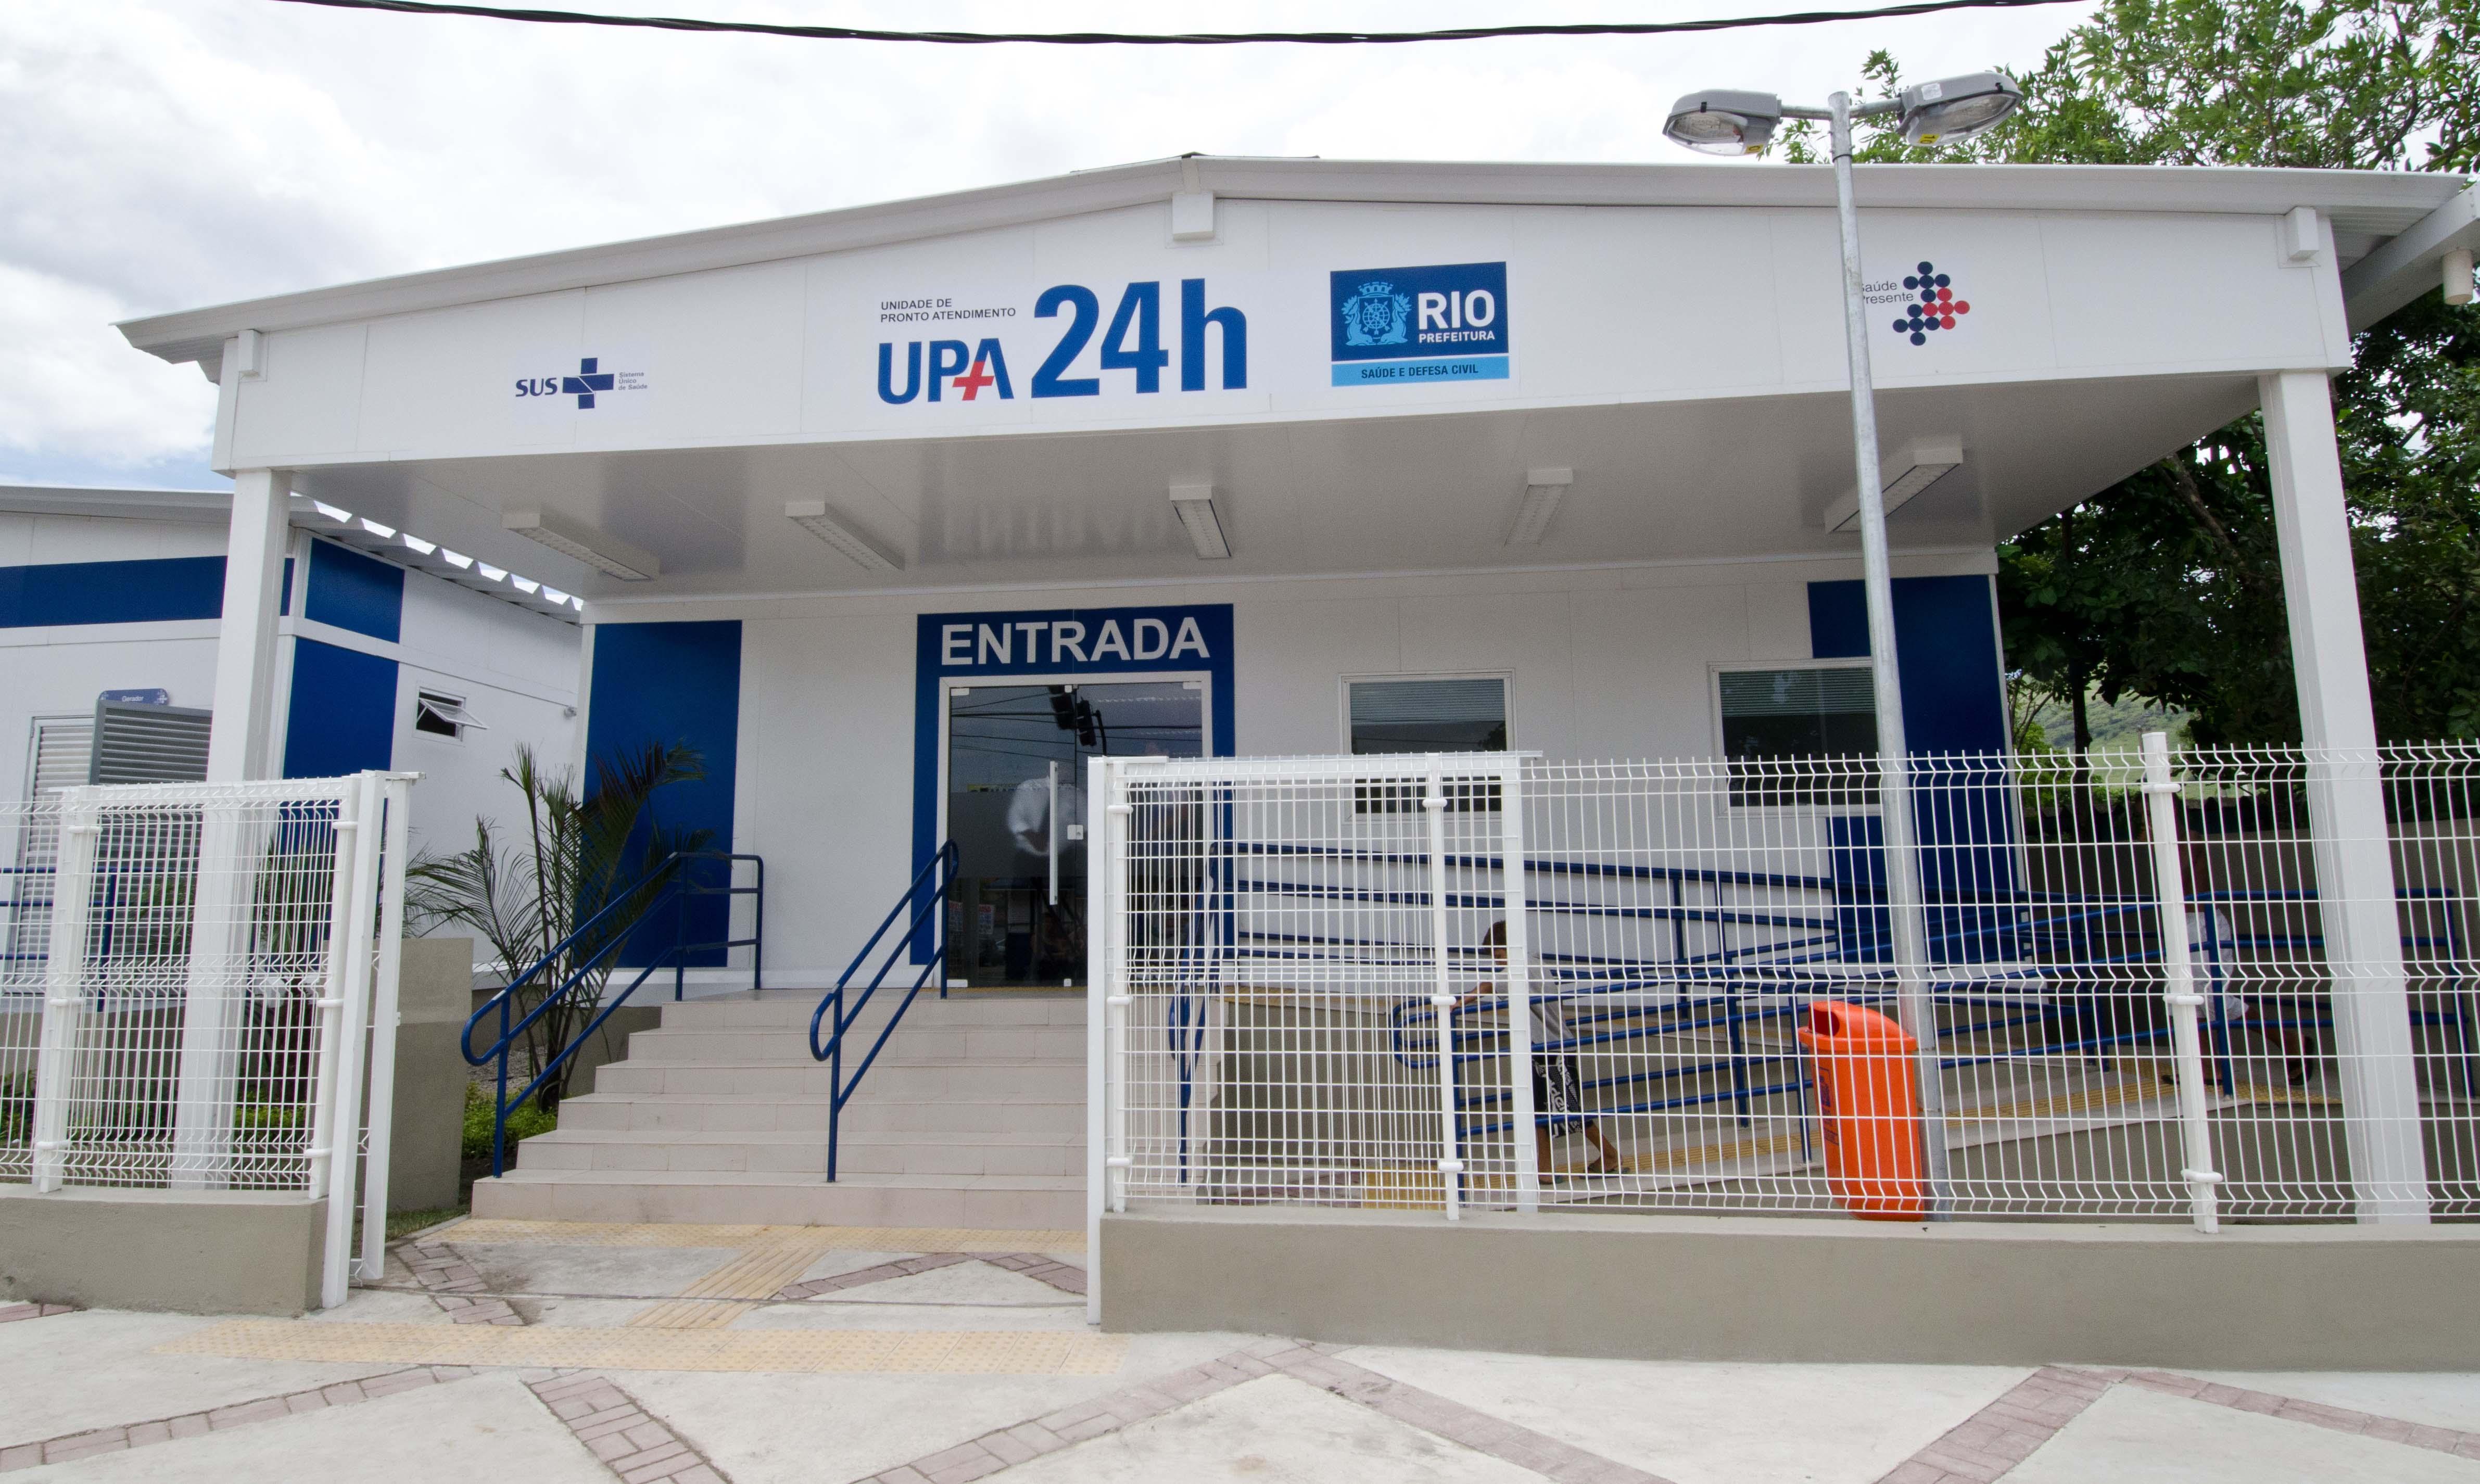 Beth Santos/Prefeitura do RJ